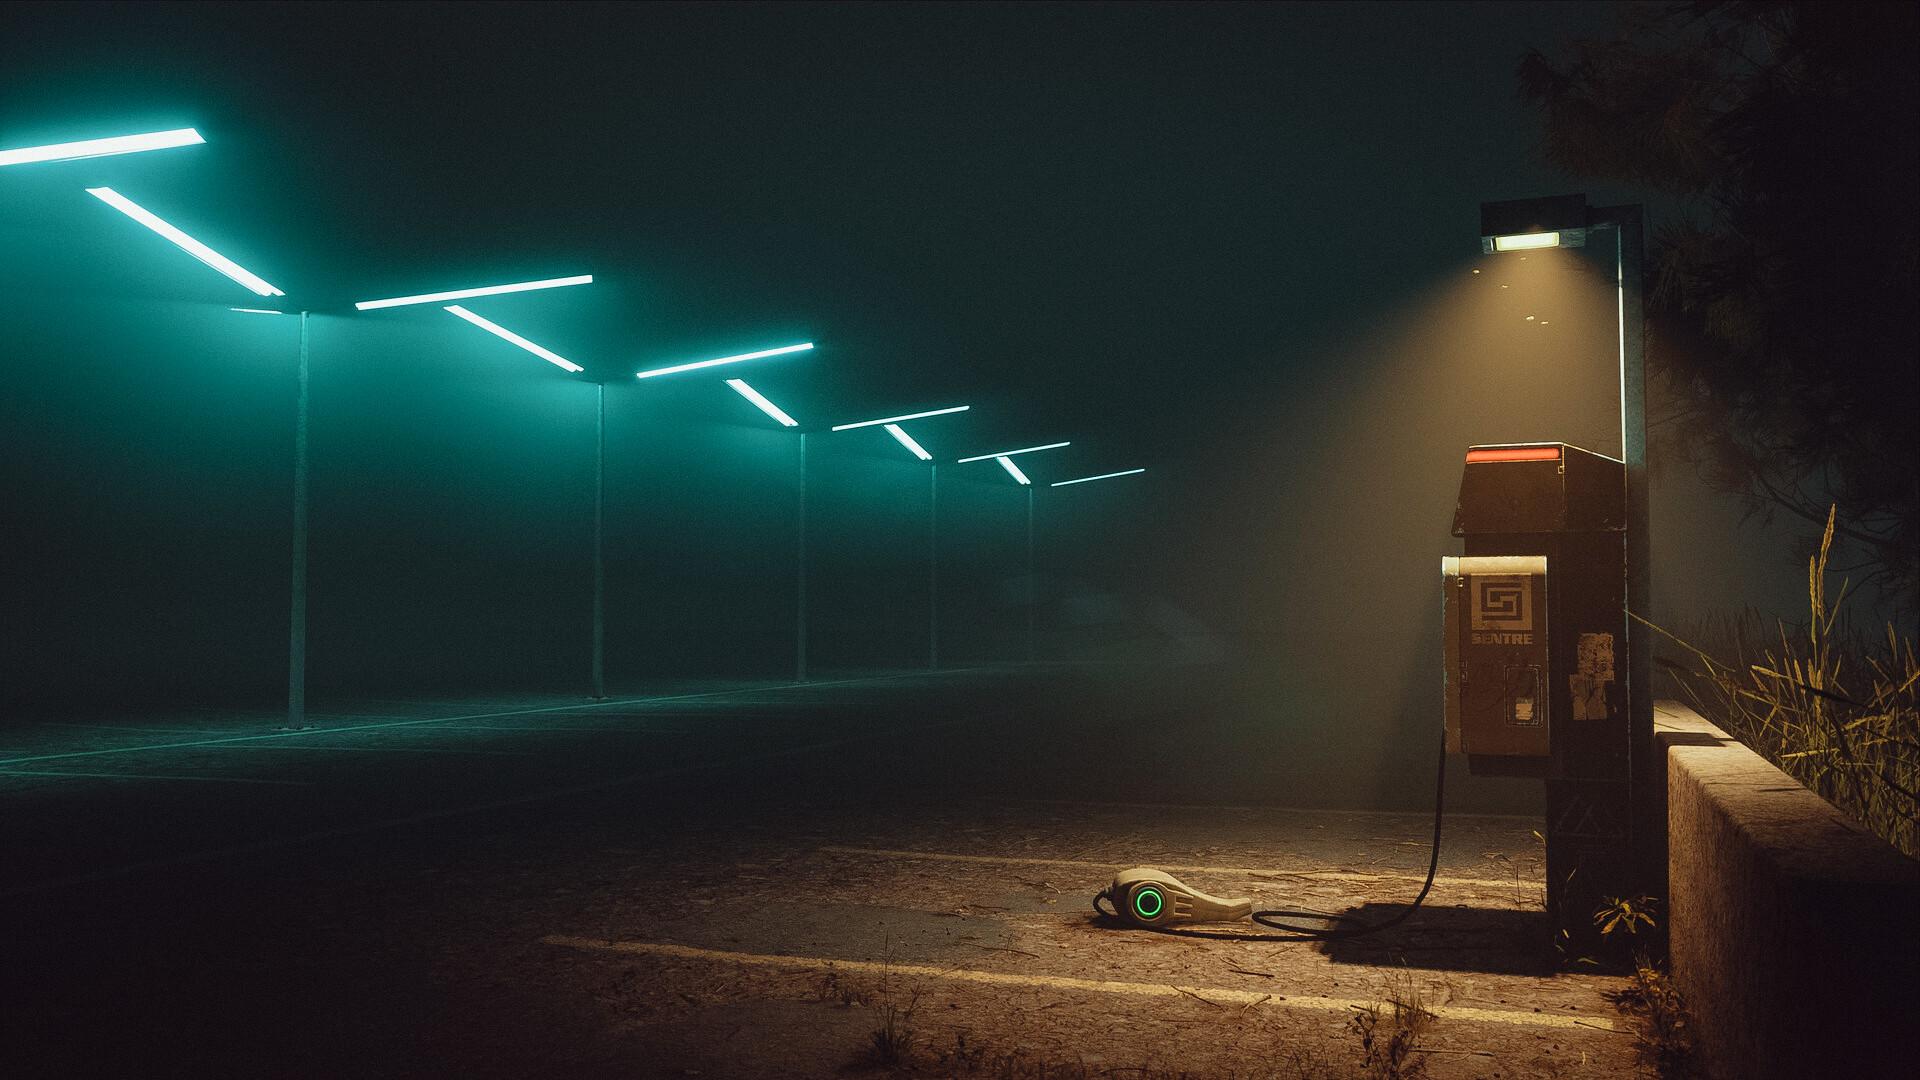 Wallpaper Cyberpunk Electricity Lights Dark 1920x1080 Starbeat 1623331 Hd Wallpapers Wallhere